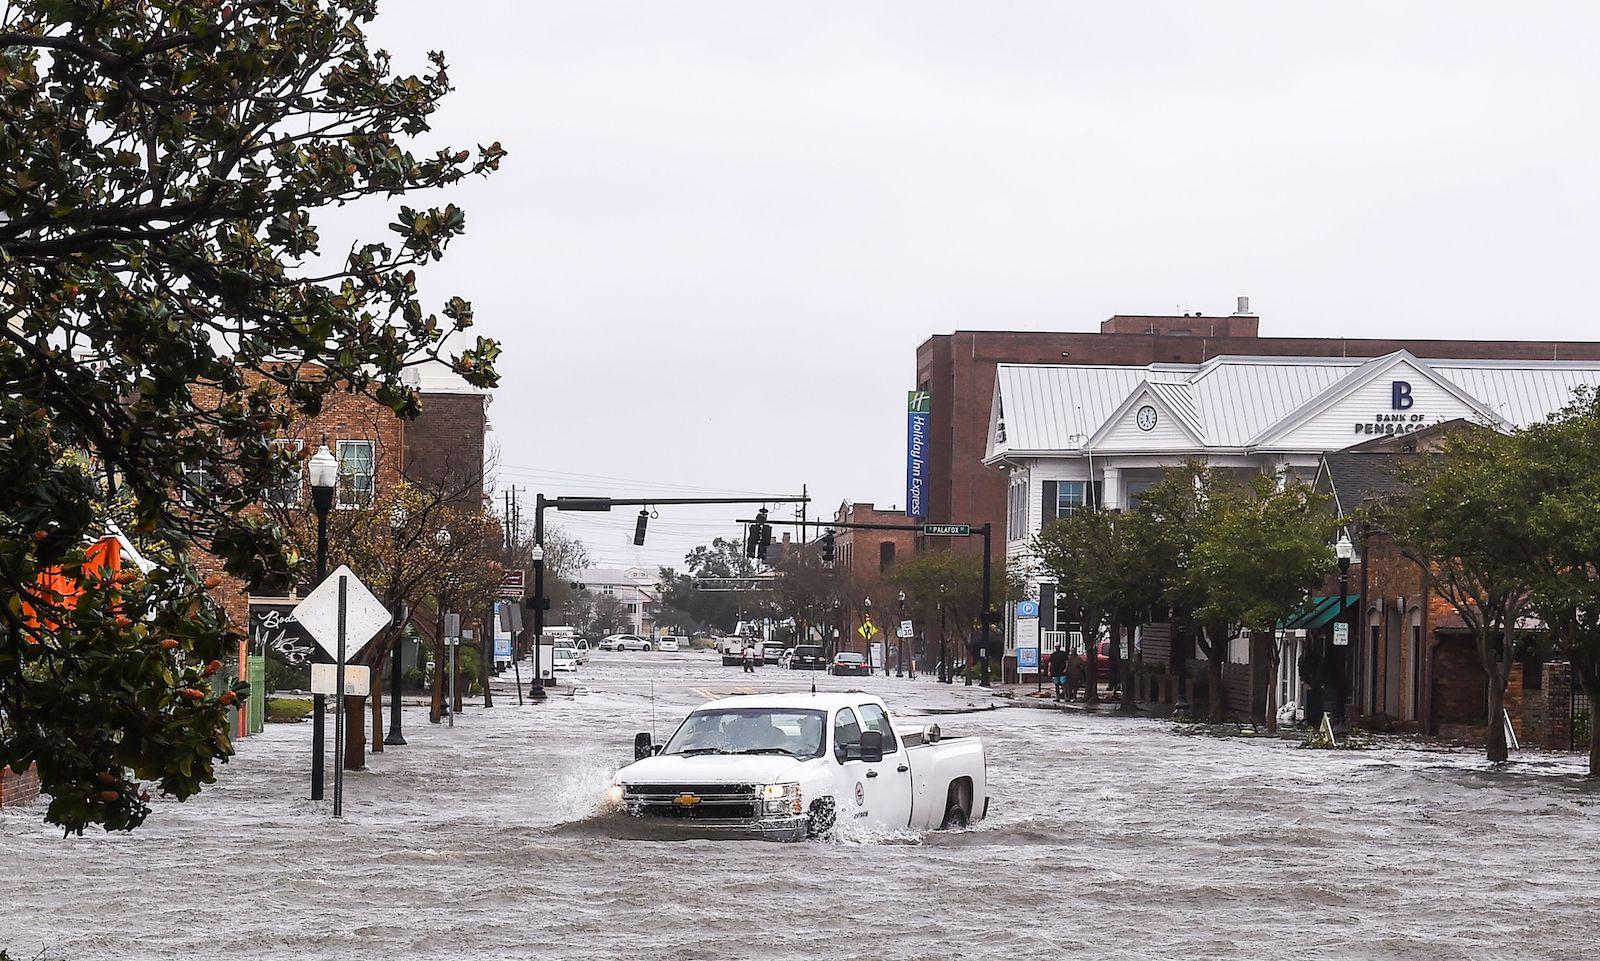 Hurricane Sally flooding in Pensacola